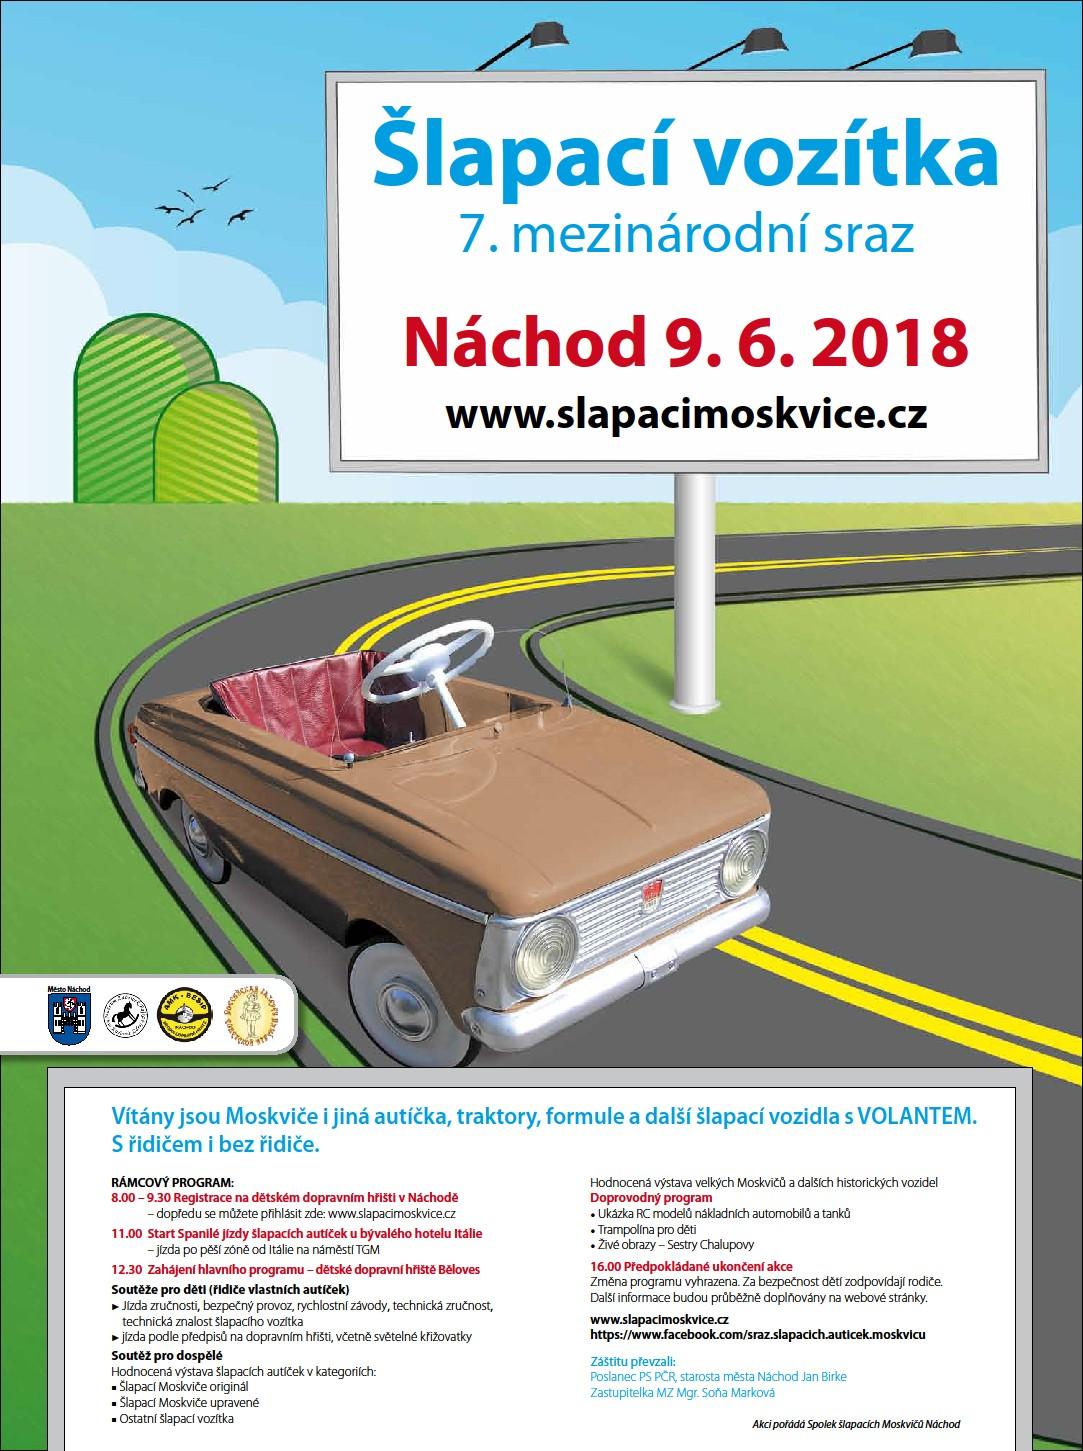 7. Mezinárodní sraz šlapacích vozítek v Náchodě 9.6.2018